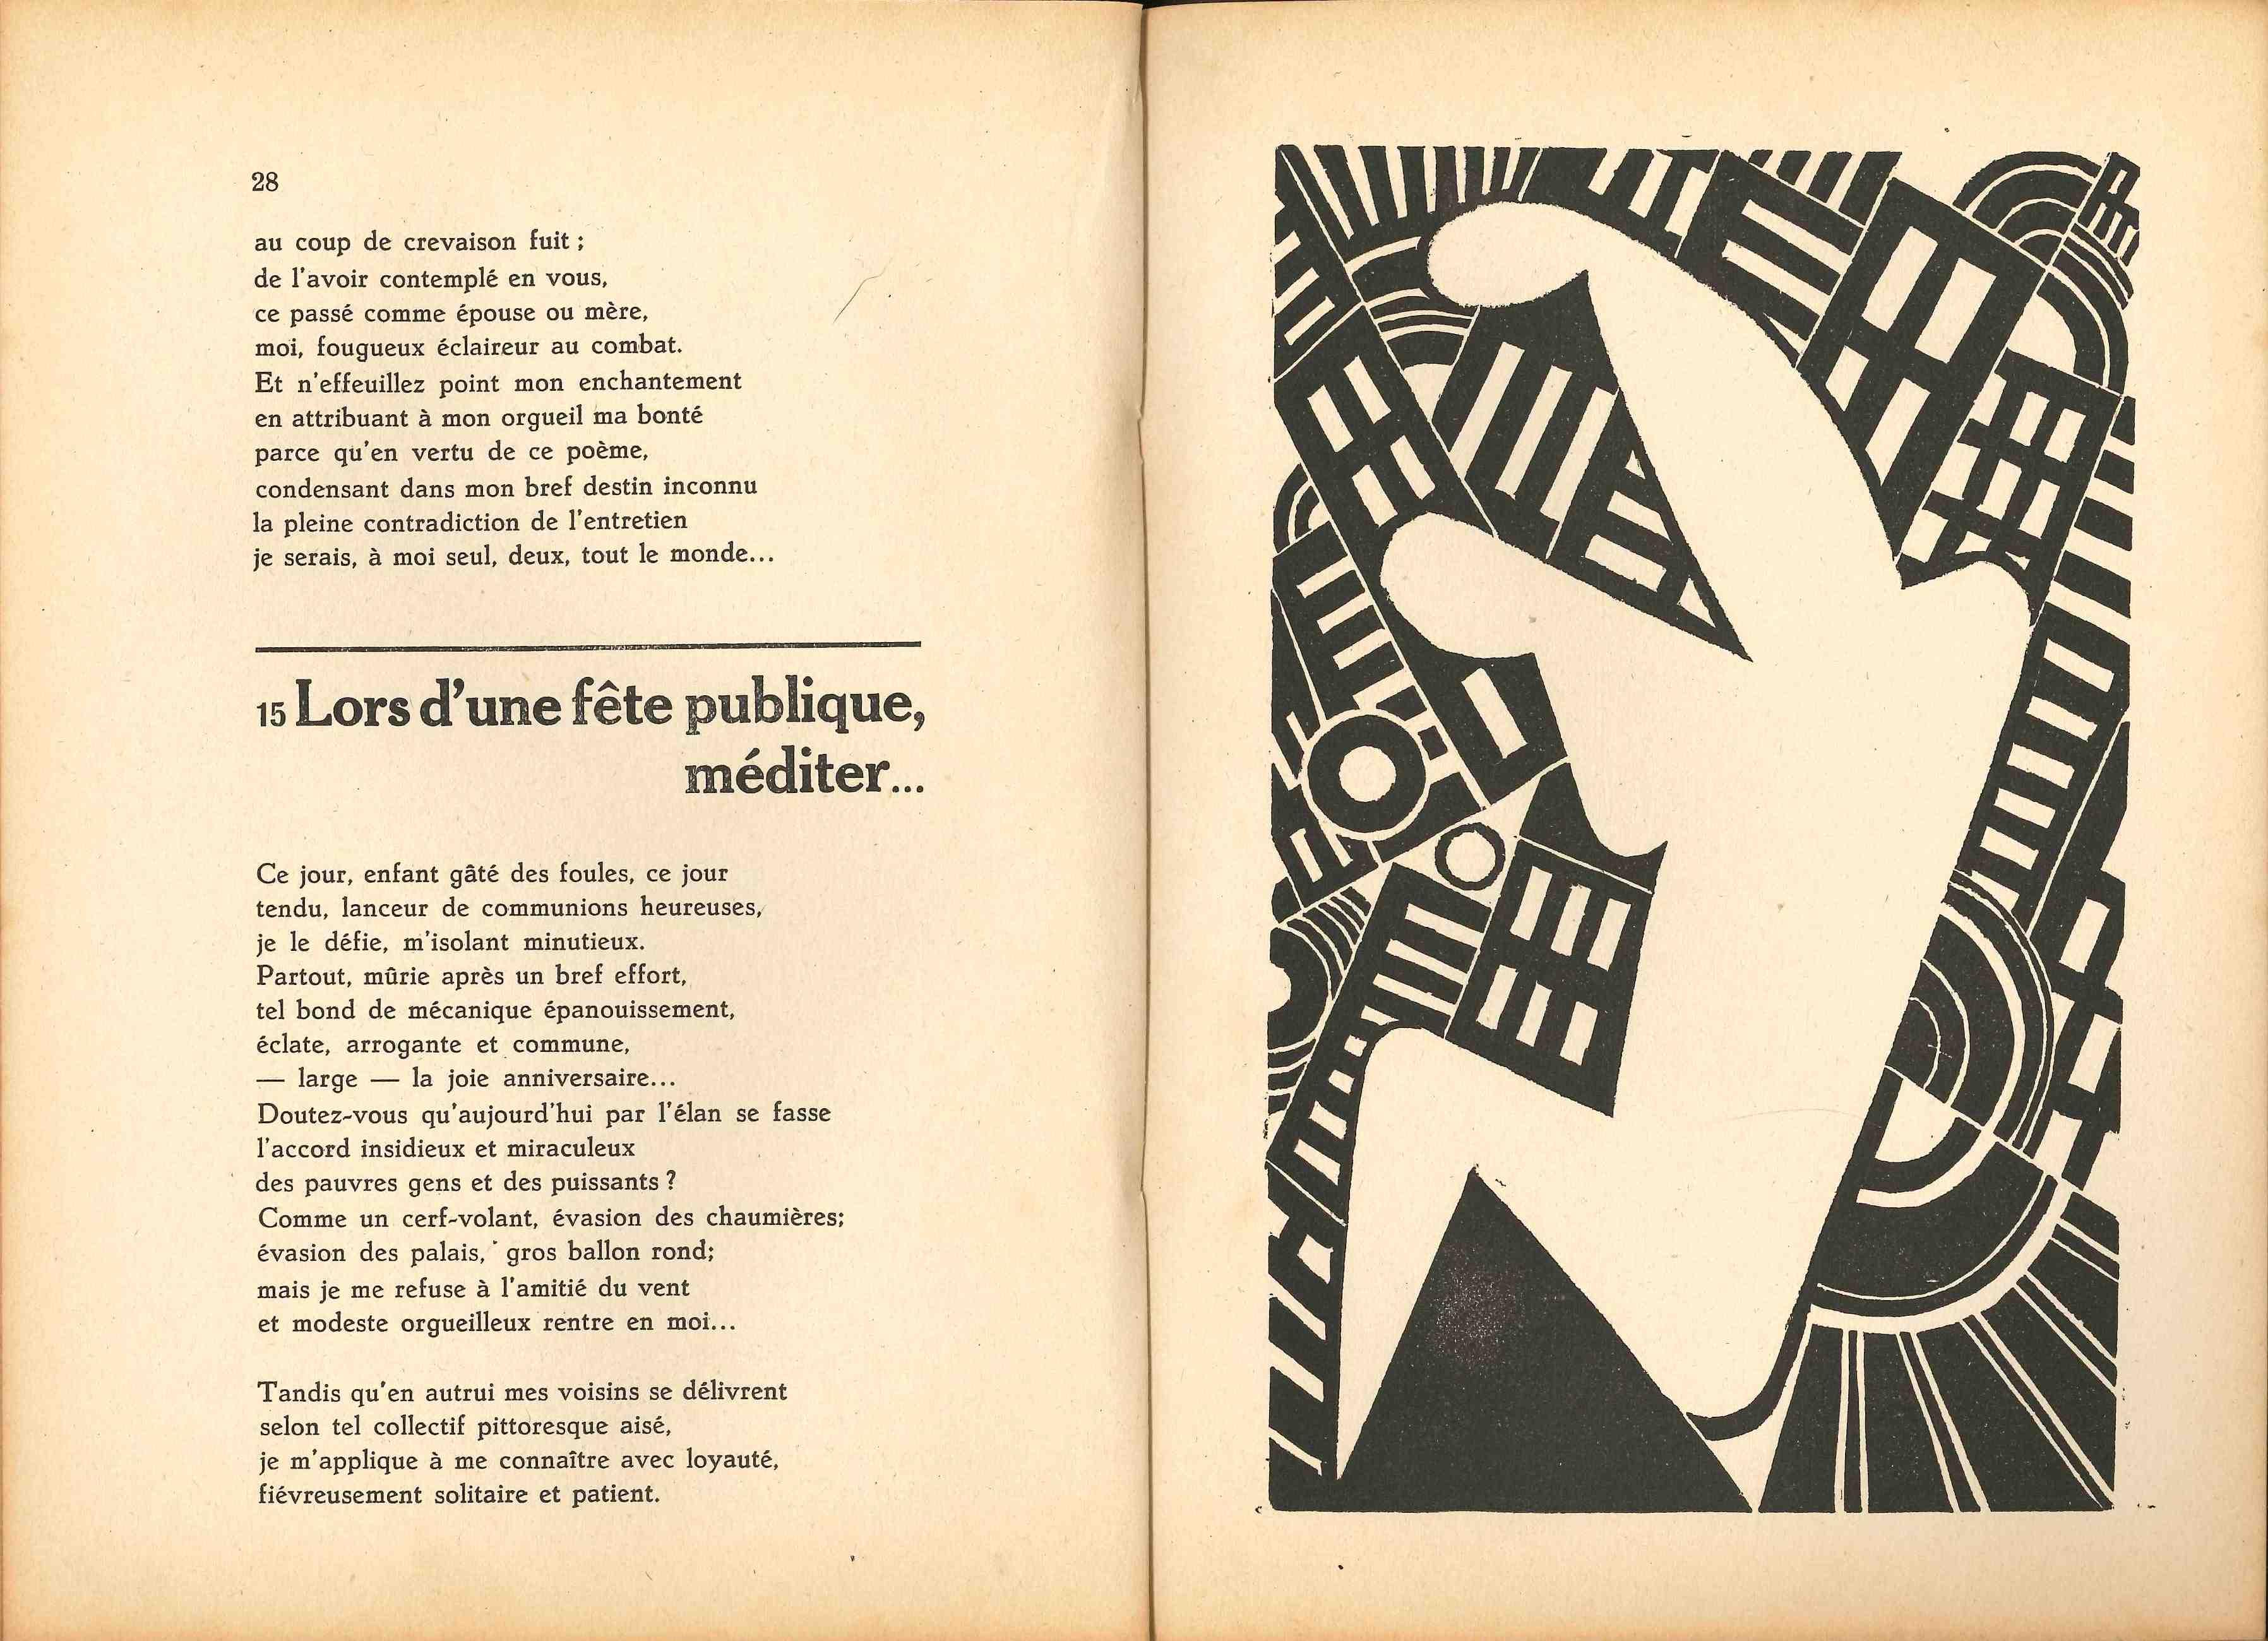 L. Flouquet, linocut illustration from the poem book by Pierre Bourgeois, Romantisme à toi, Bruxelles: Edition L'Equerre, 1927. / © AML Archives et Musée de la Littérature, Brussels (Belgium).